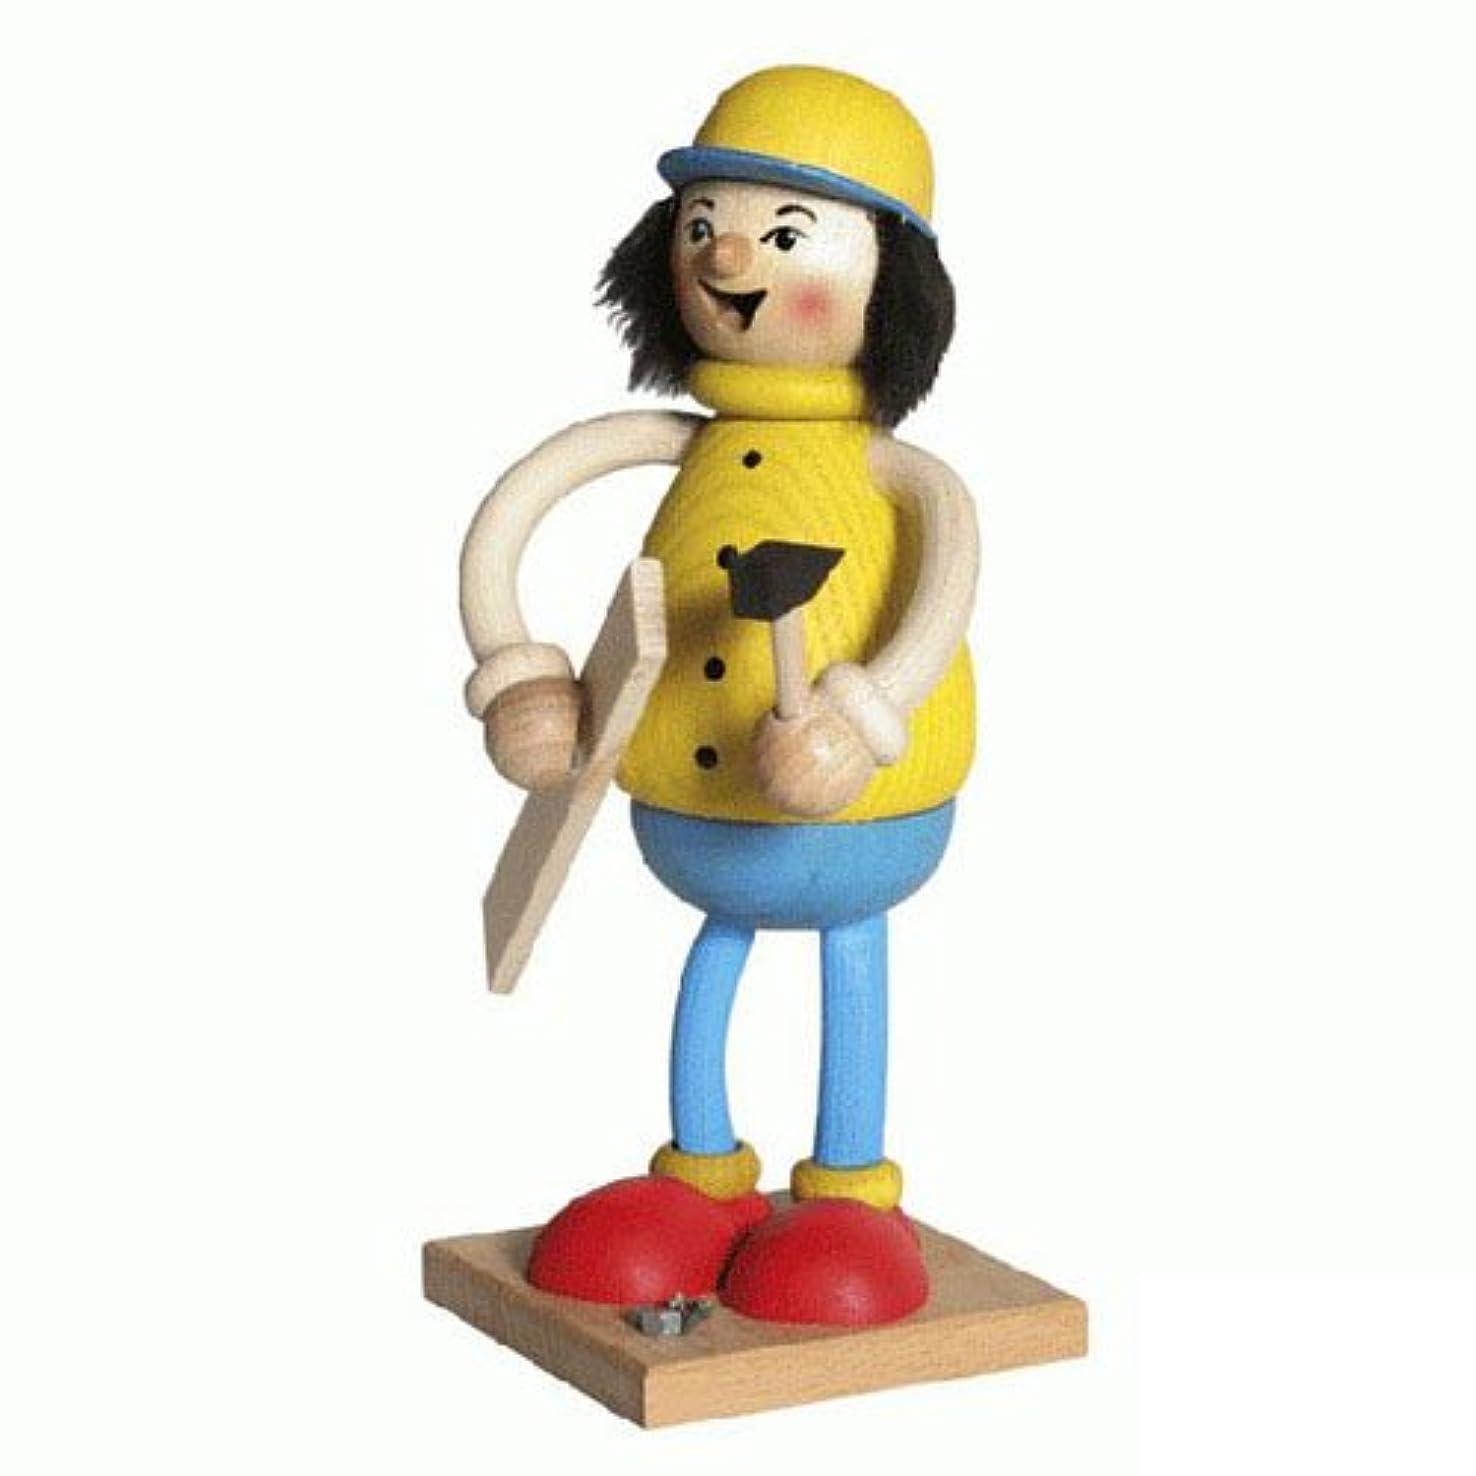 シェトランド諸島汚れたエキゾチック39096 Kuhnert(クーネルト) ミニパイプ人形香炉 DIY